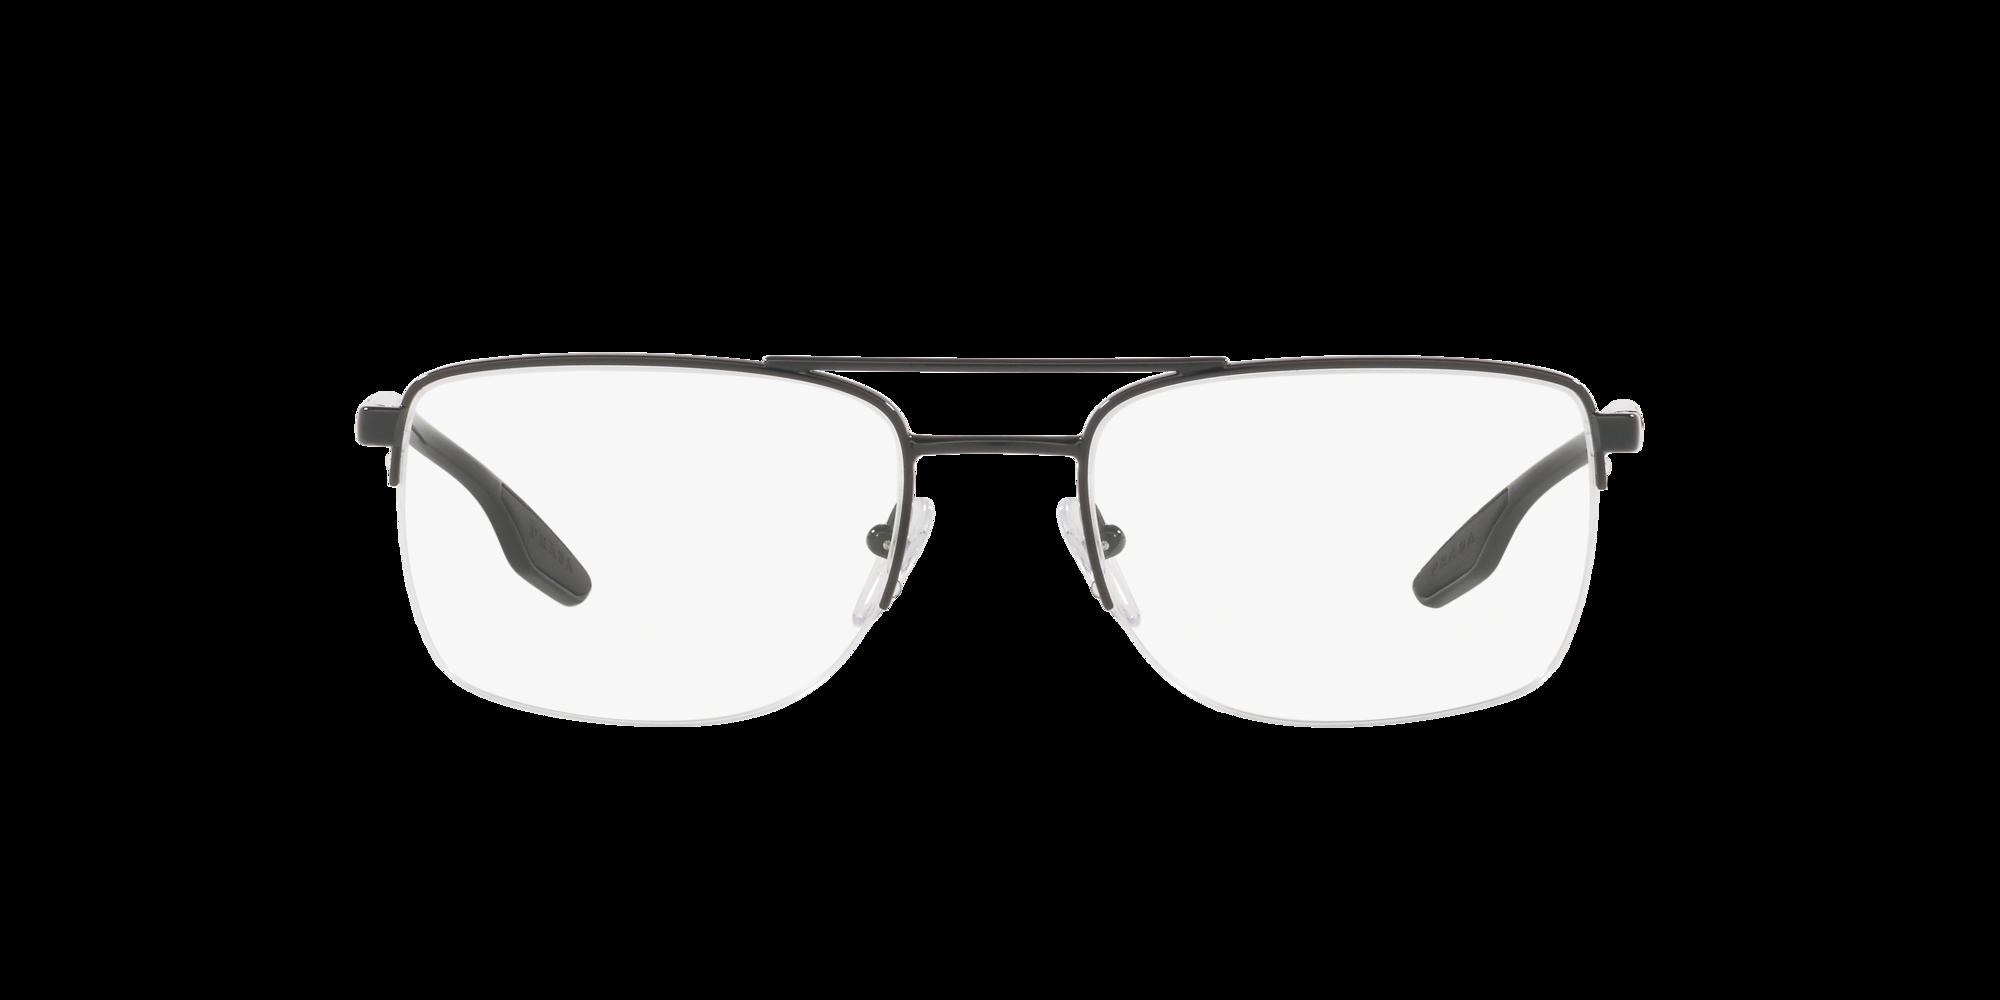 Imagen para PS 51MV LIFESTYLE de LensCrafters |  Espejuelos, espejuelos graduados en línea, gafas